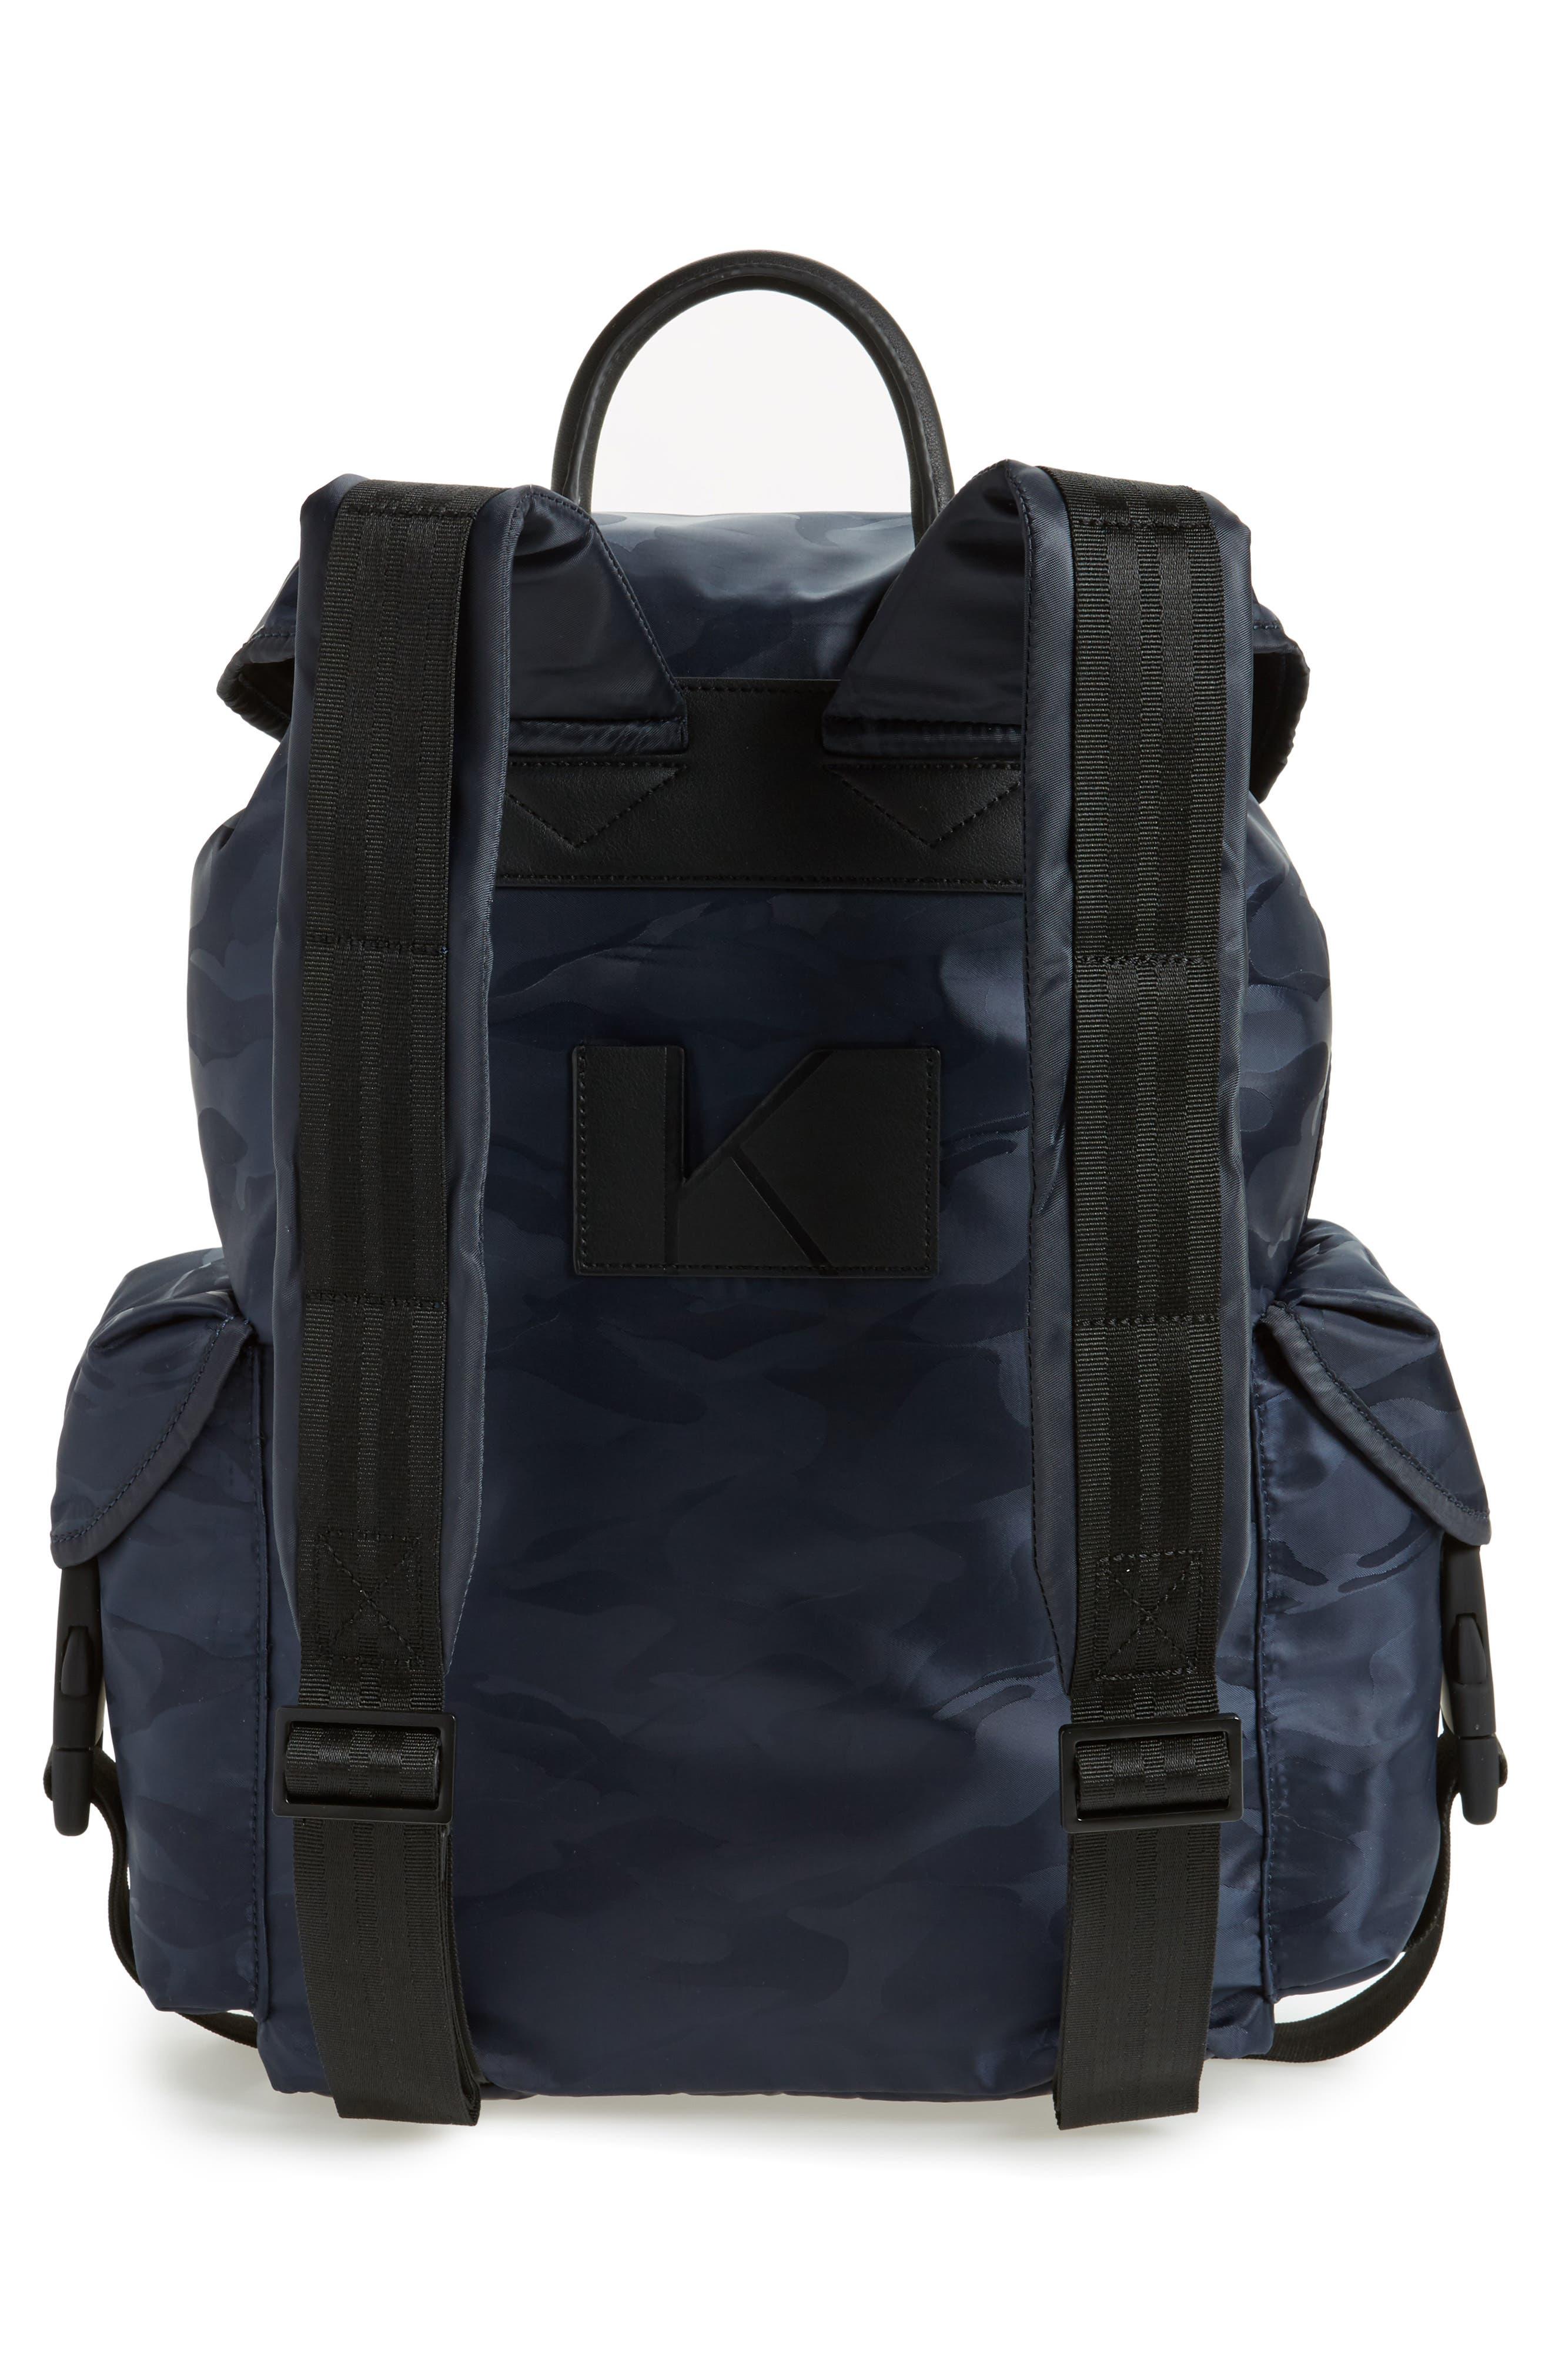 Jordyn Nylon Backpack,                             Alternate thumbnail 3, color,                             Navy Camo